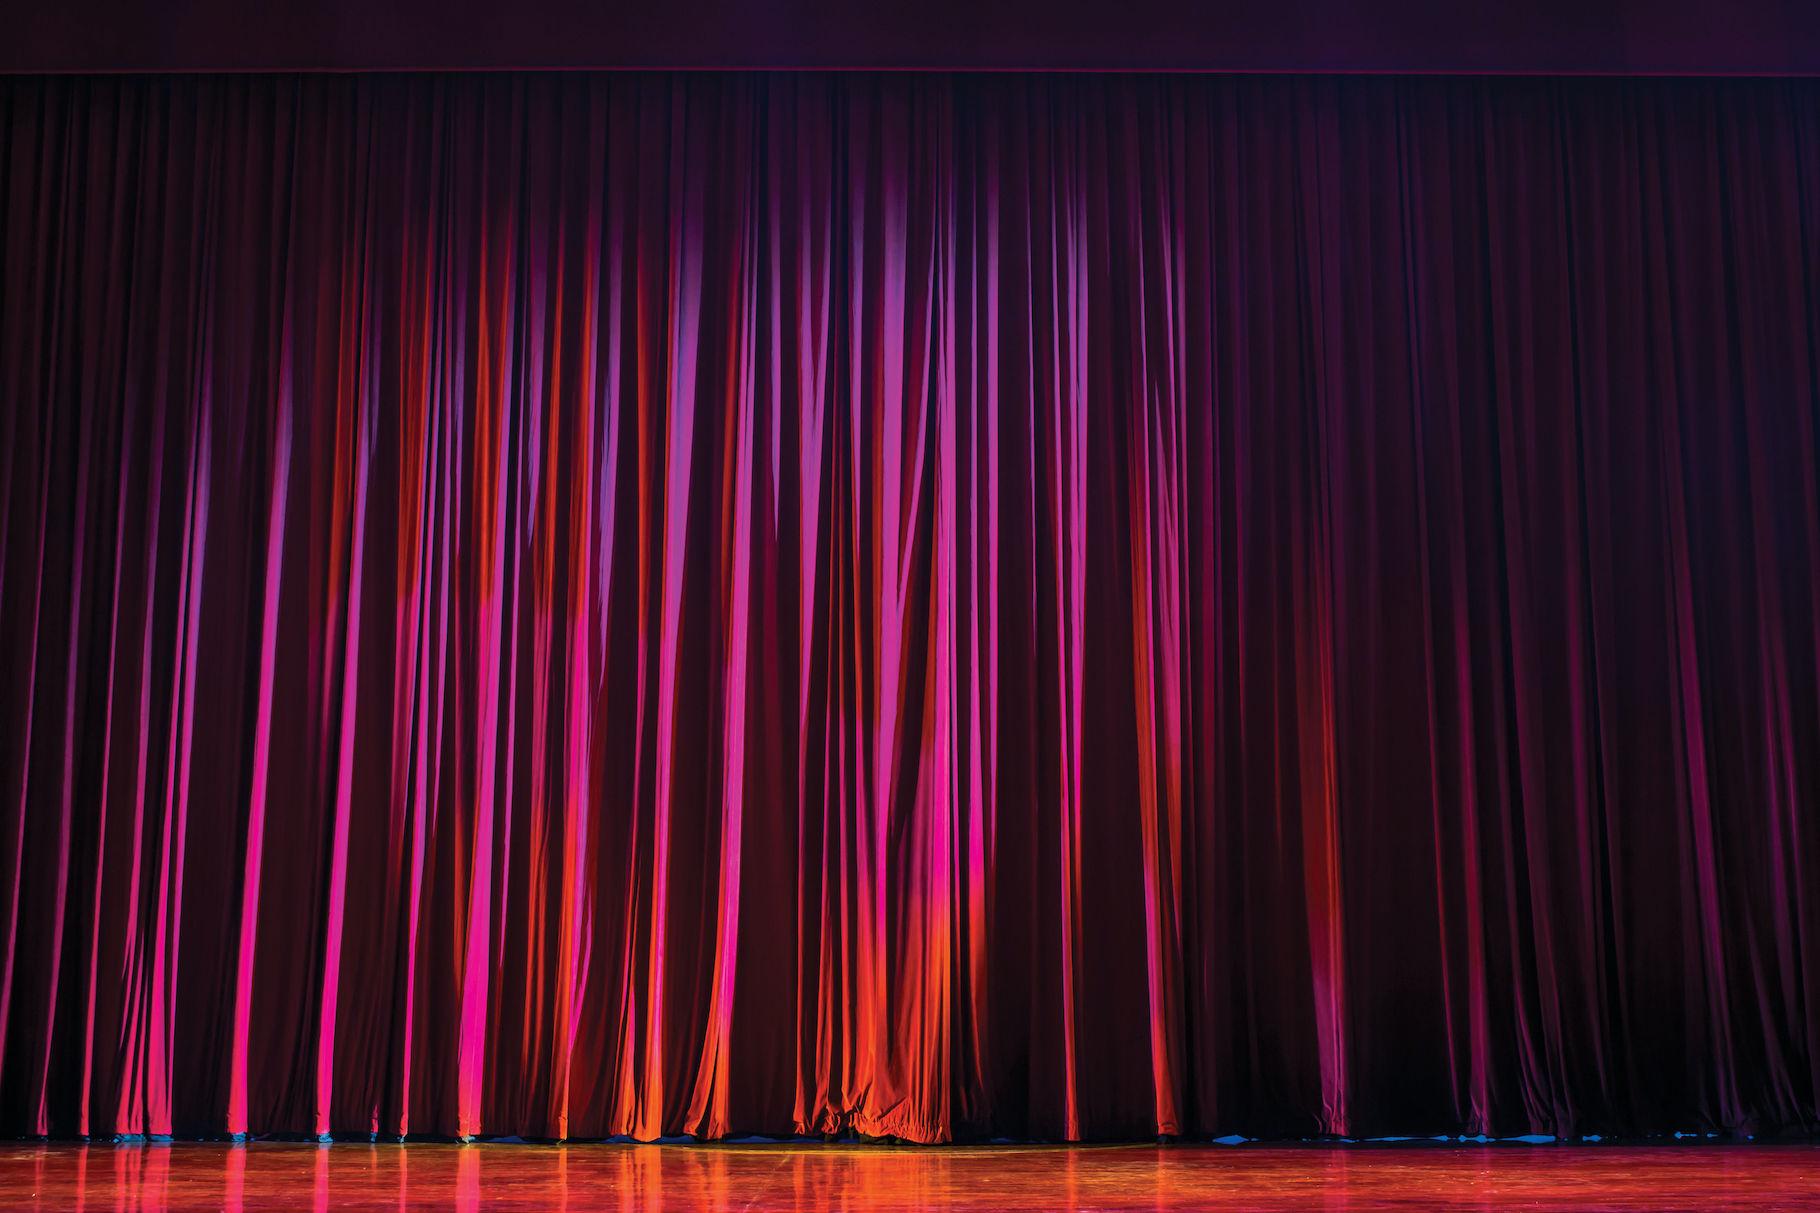 Emmi: kiszámítható helyzet és felelősségi viszony jön létre a színházak fenntartásában